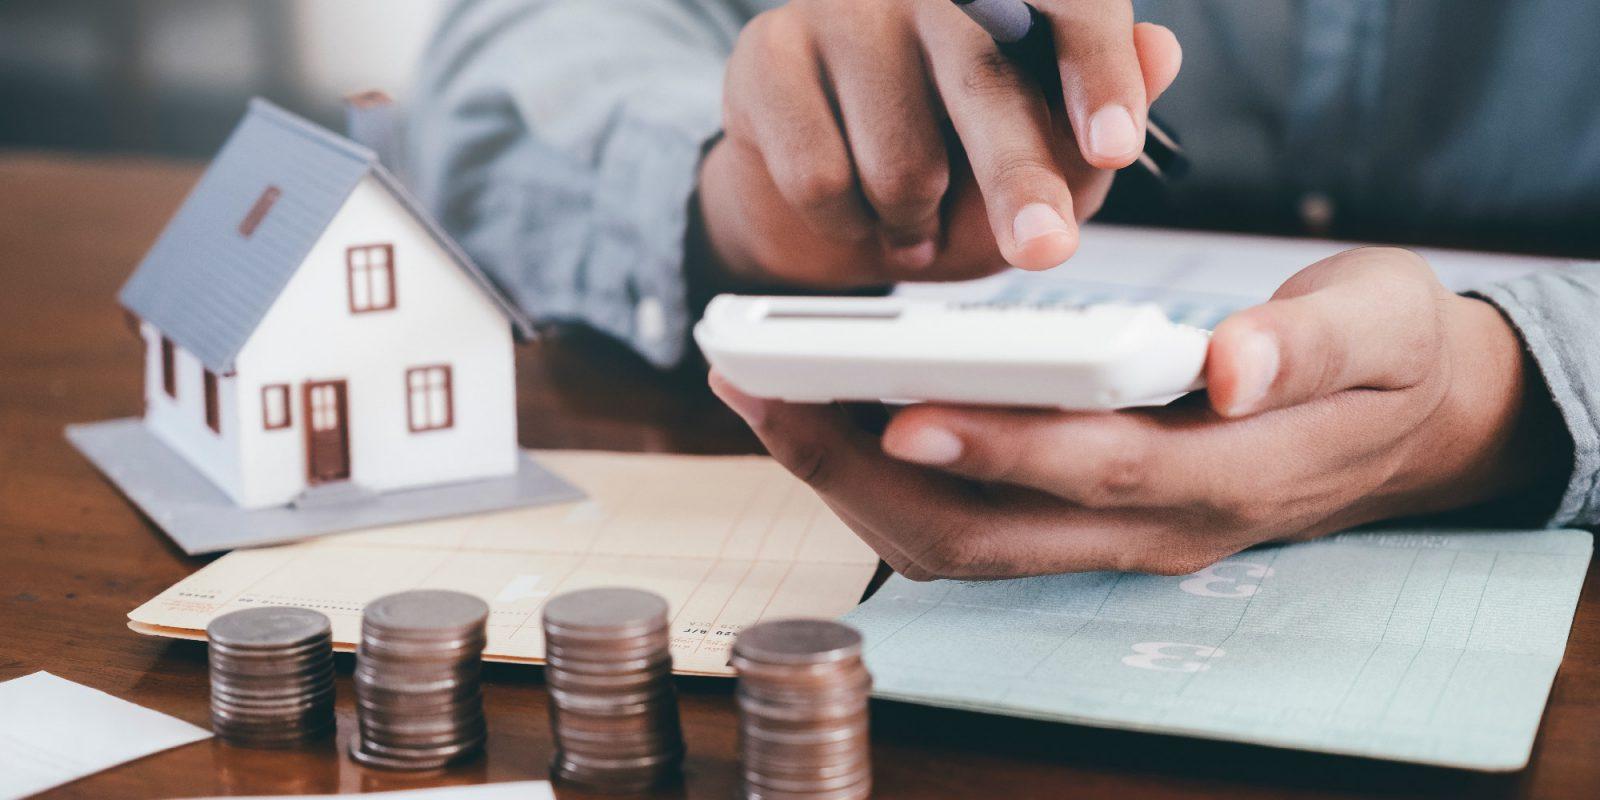 Jak i gdzie wziąć najtańszy kredyt hipoteczny na mieszkanie lub dom? Poradnik i ranking kredytów hipotecznych 2021